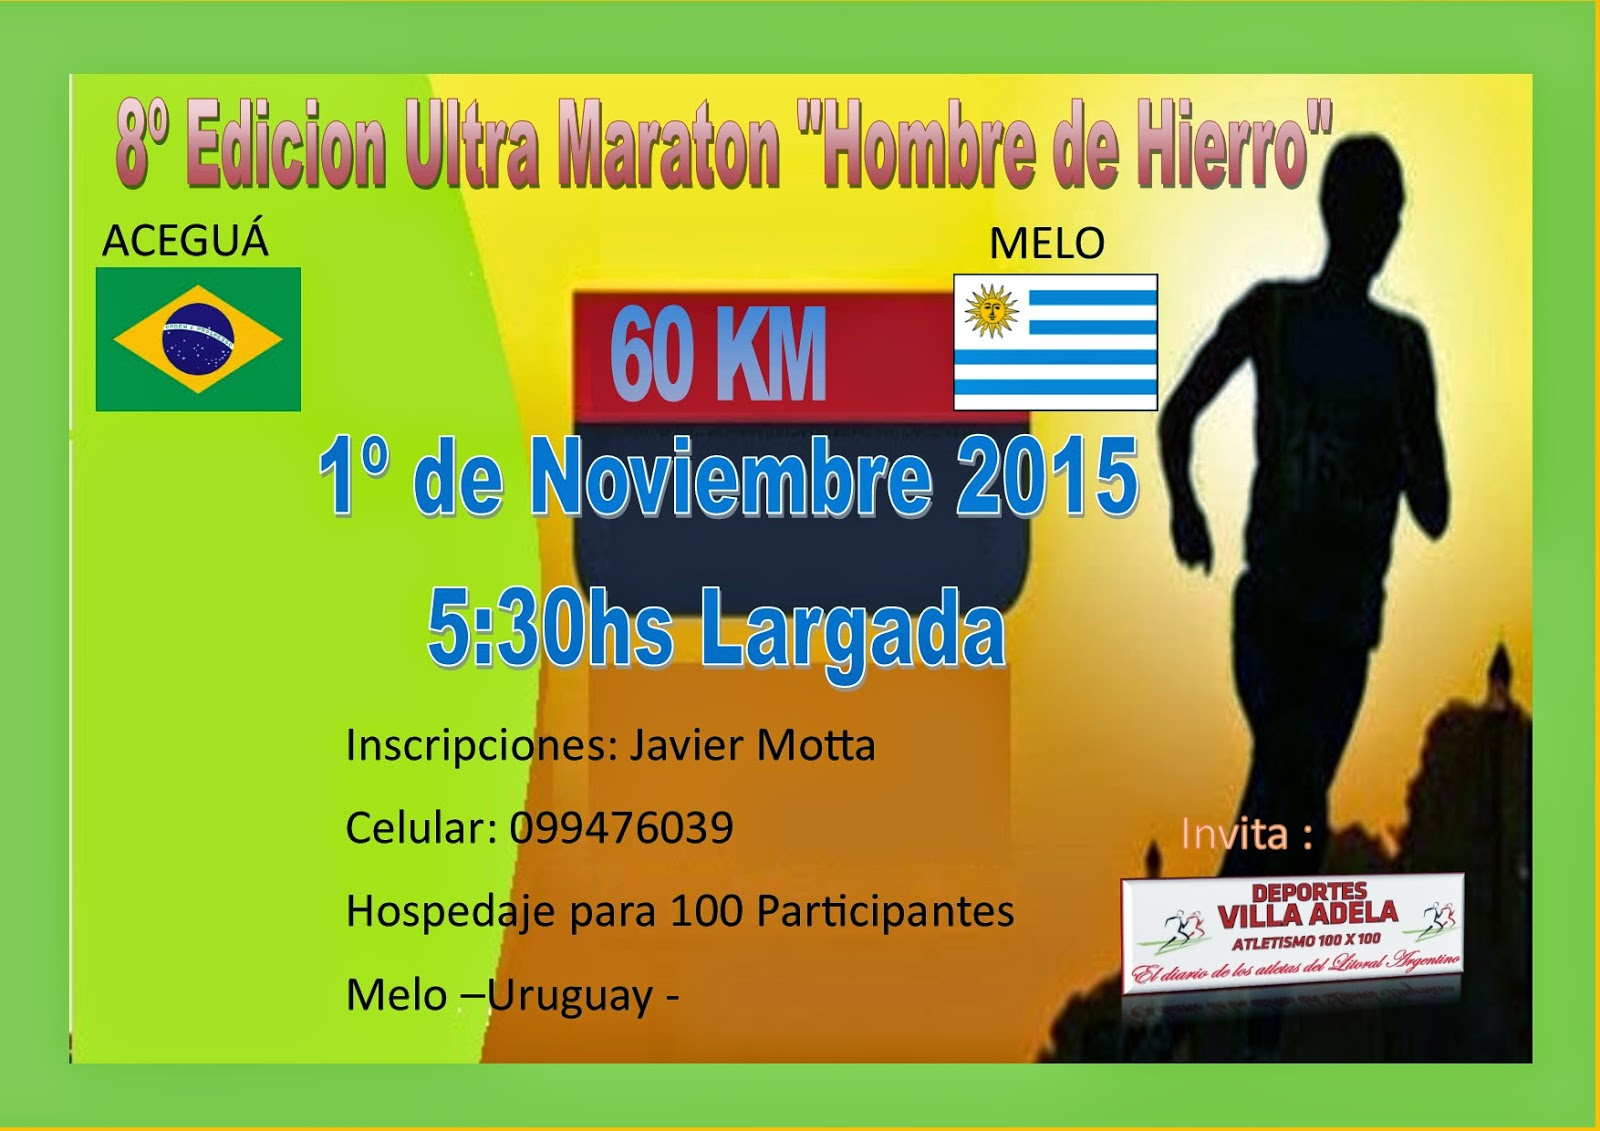 Ultra Maraton 60km Aceguá (Brasil) a (Melo Uruguay)